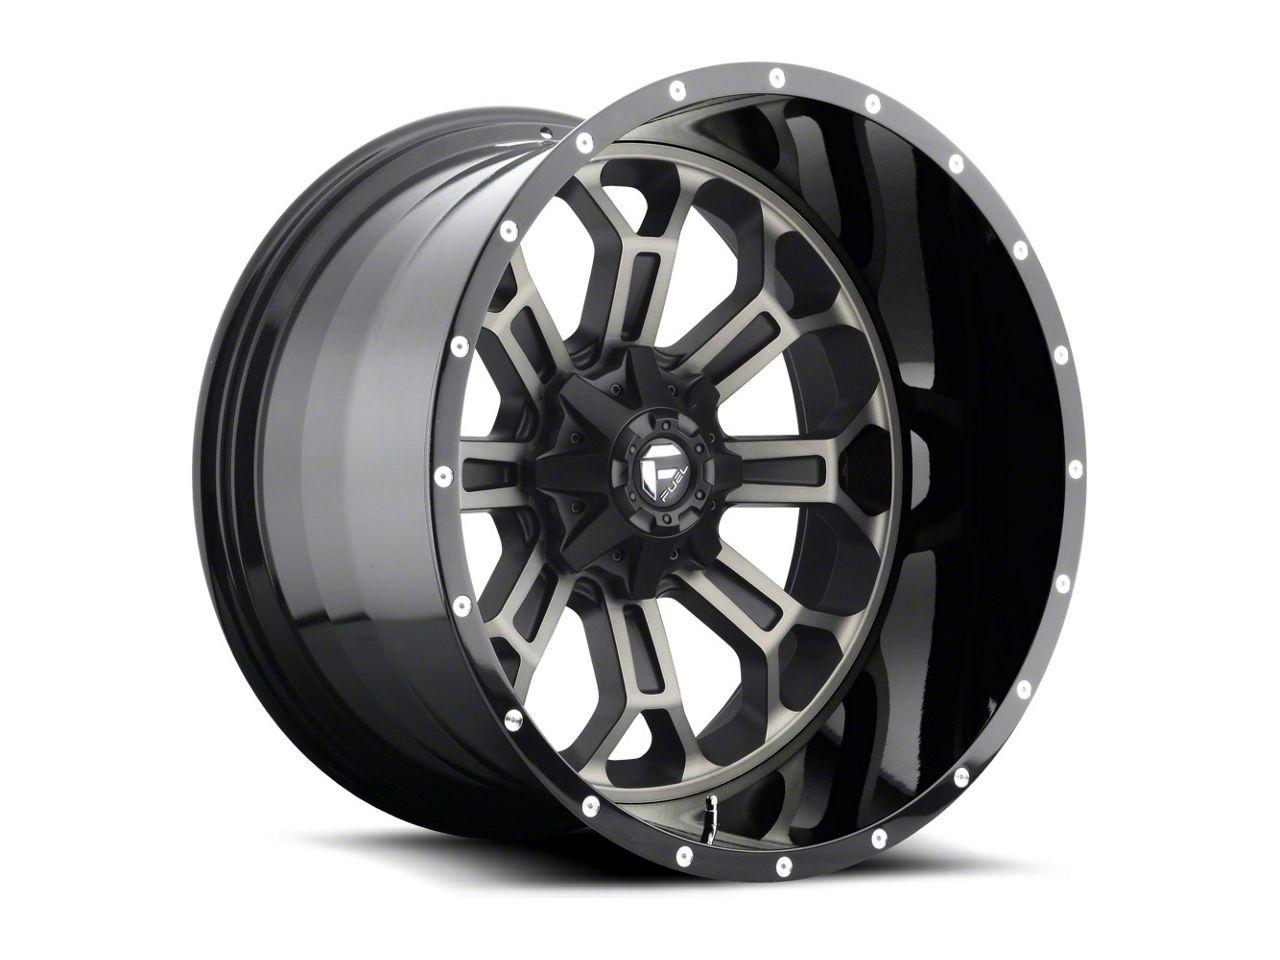 Fuel Wheels Crush Matte Black Machined 6-Lug Wheel - 22x12 (99-18 Silverado 1500)